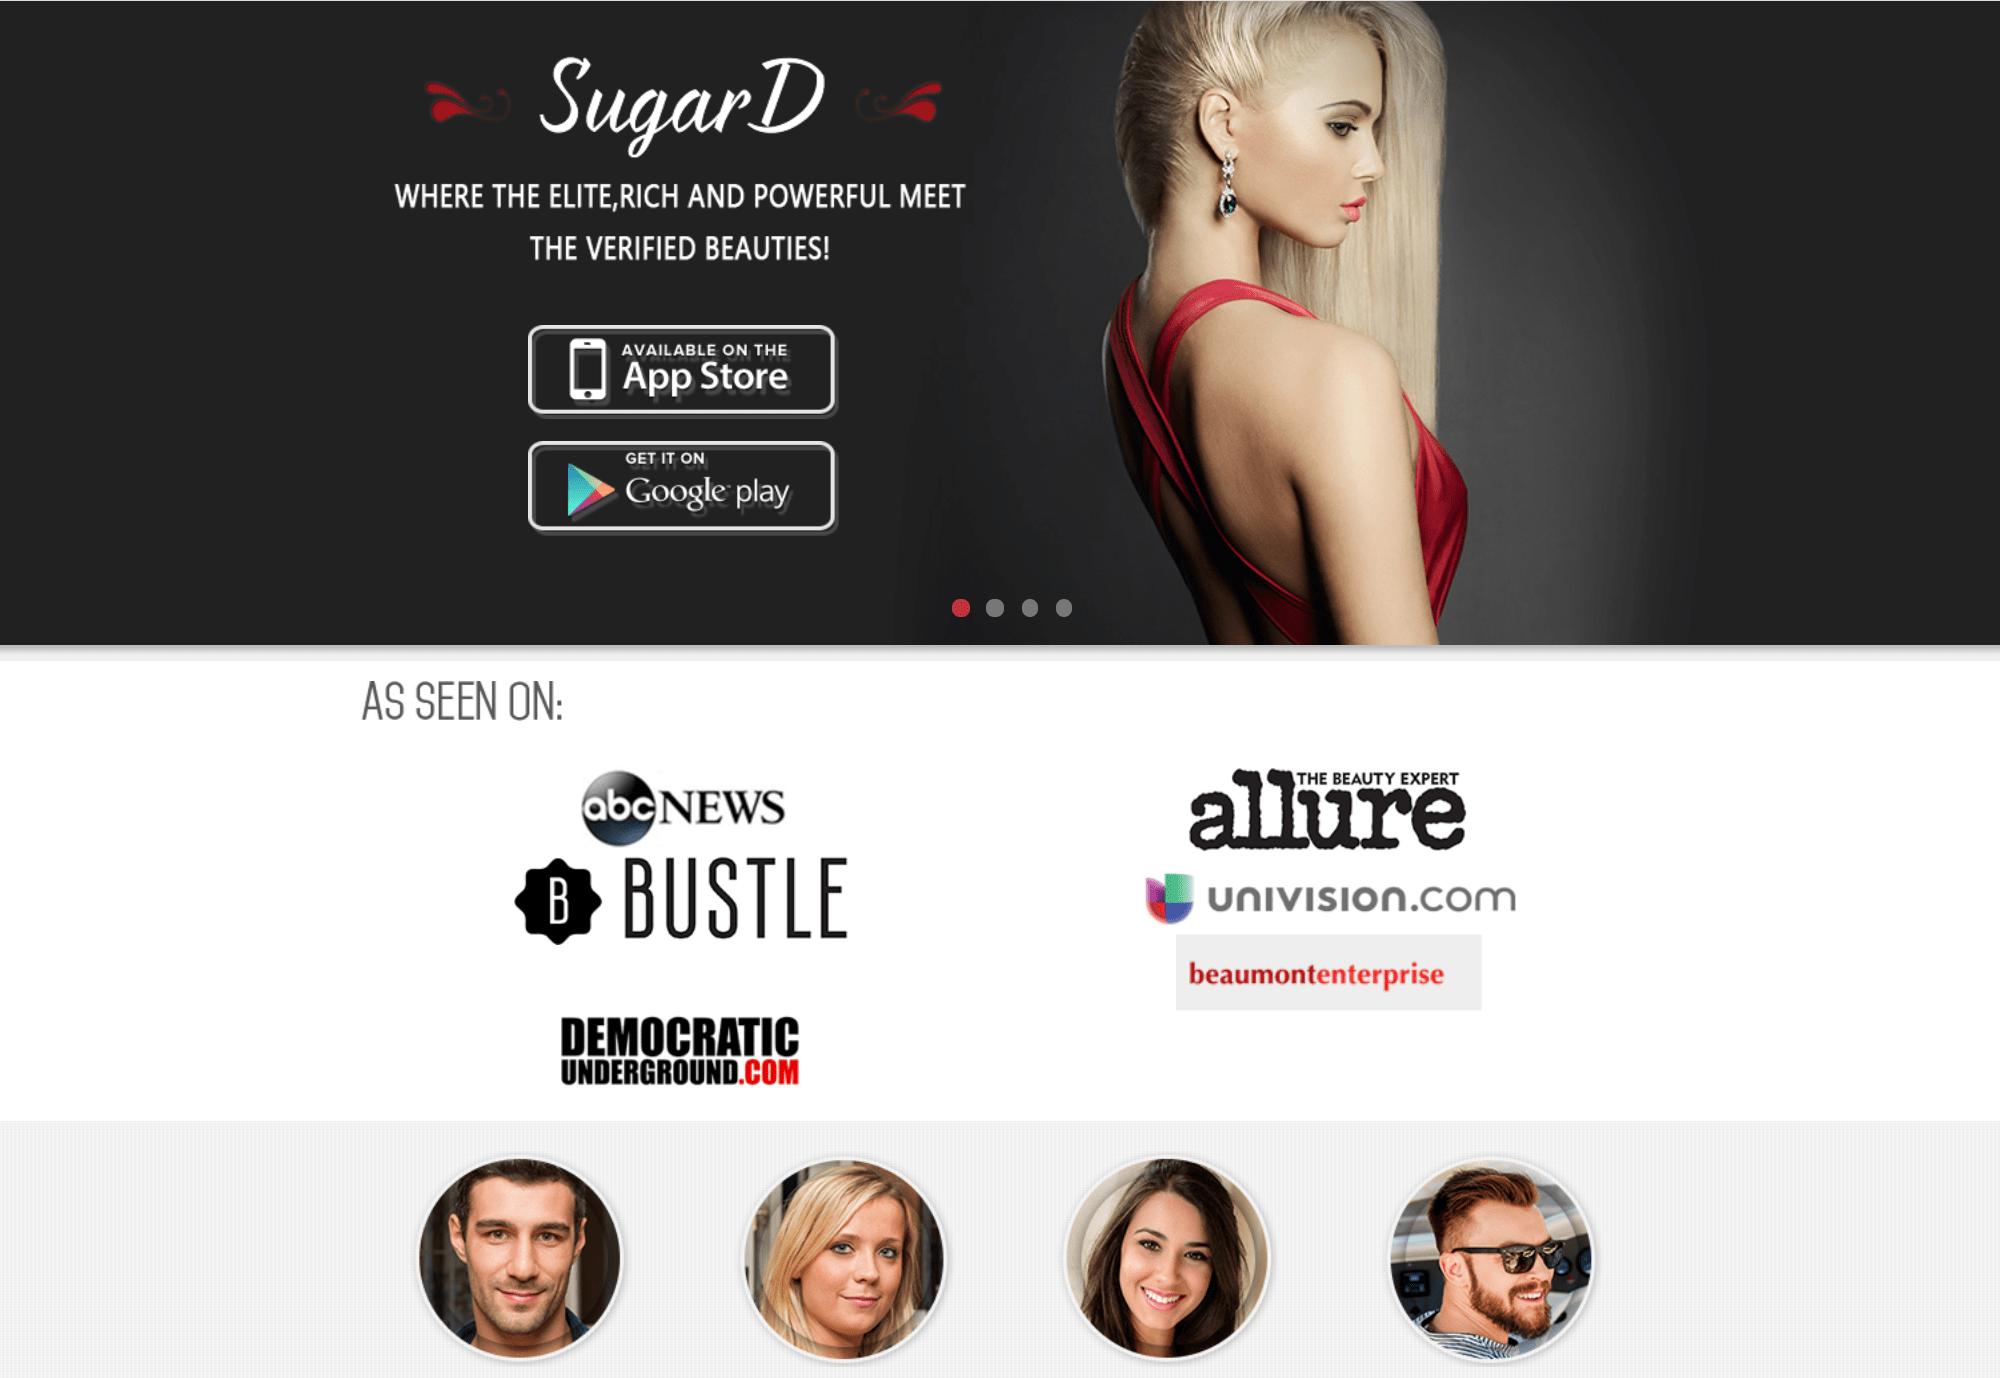 sugar d dating app website